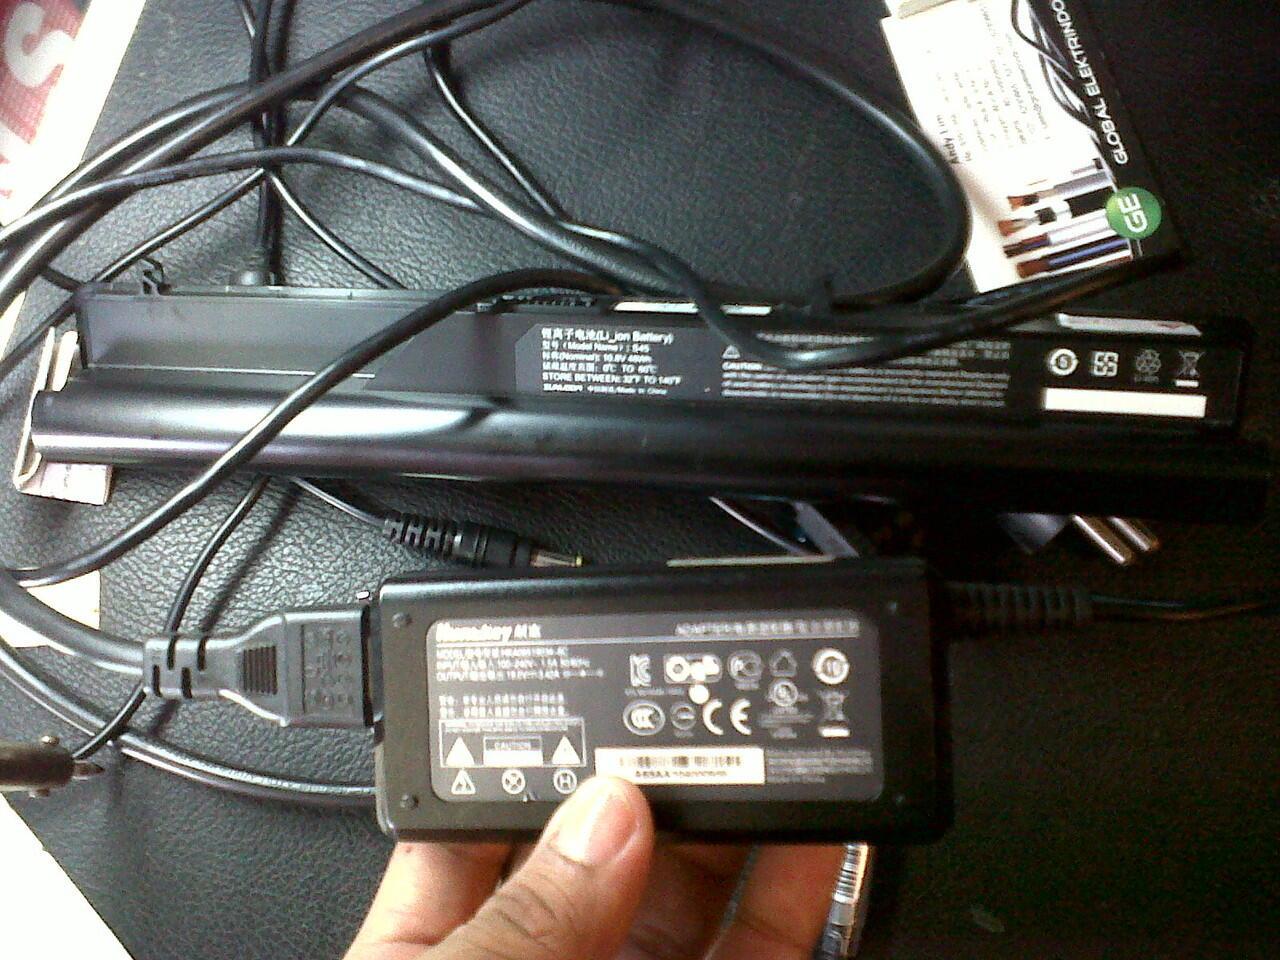 Batrai + Charger Axioo CNC core i3